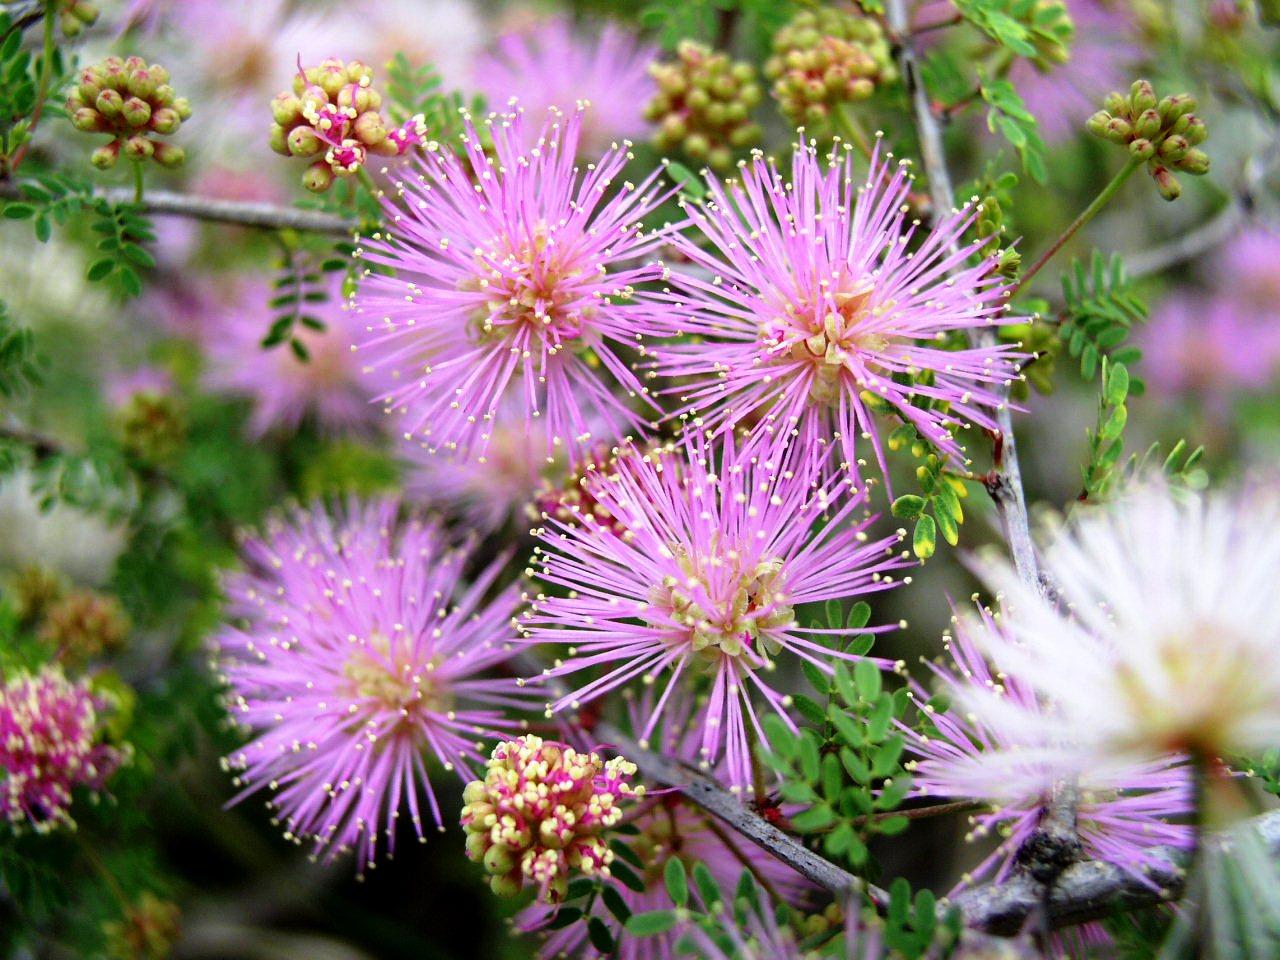 Mimosa borealis mightylinksfo